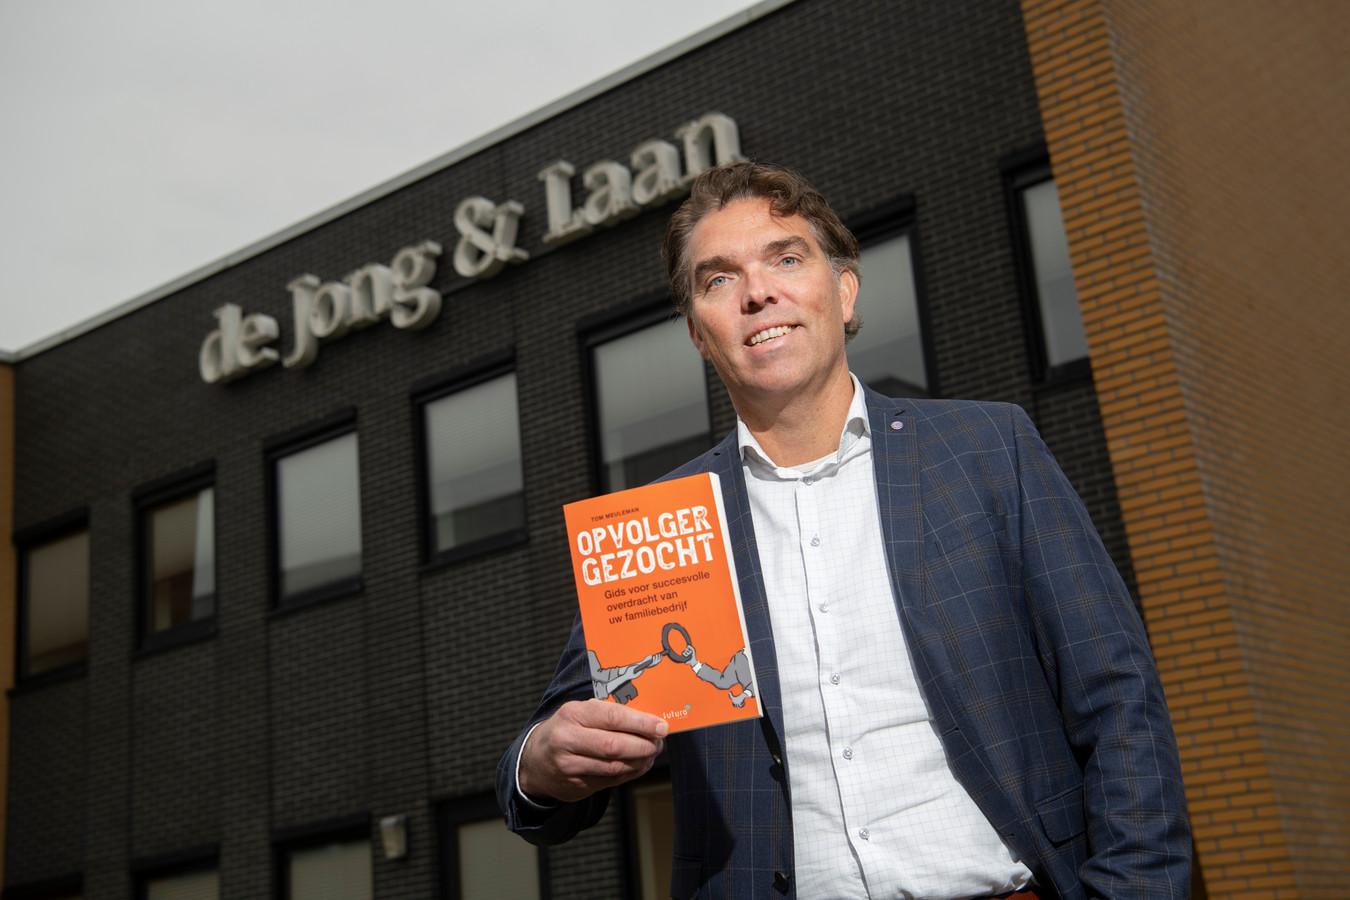 Tom Meuleman van de Jong & Laan accountants en belastingadviseurs is familieadviseur voor familiebedrijven. Hij heeft een boek geschreven dat moet helpen om tot een succesvolle overdracht van het bedrijf te komen. Want dat  kan dat kan gemakkelijk ontaarden in verwoestende familietwisten.